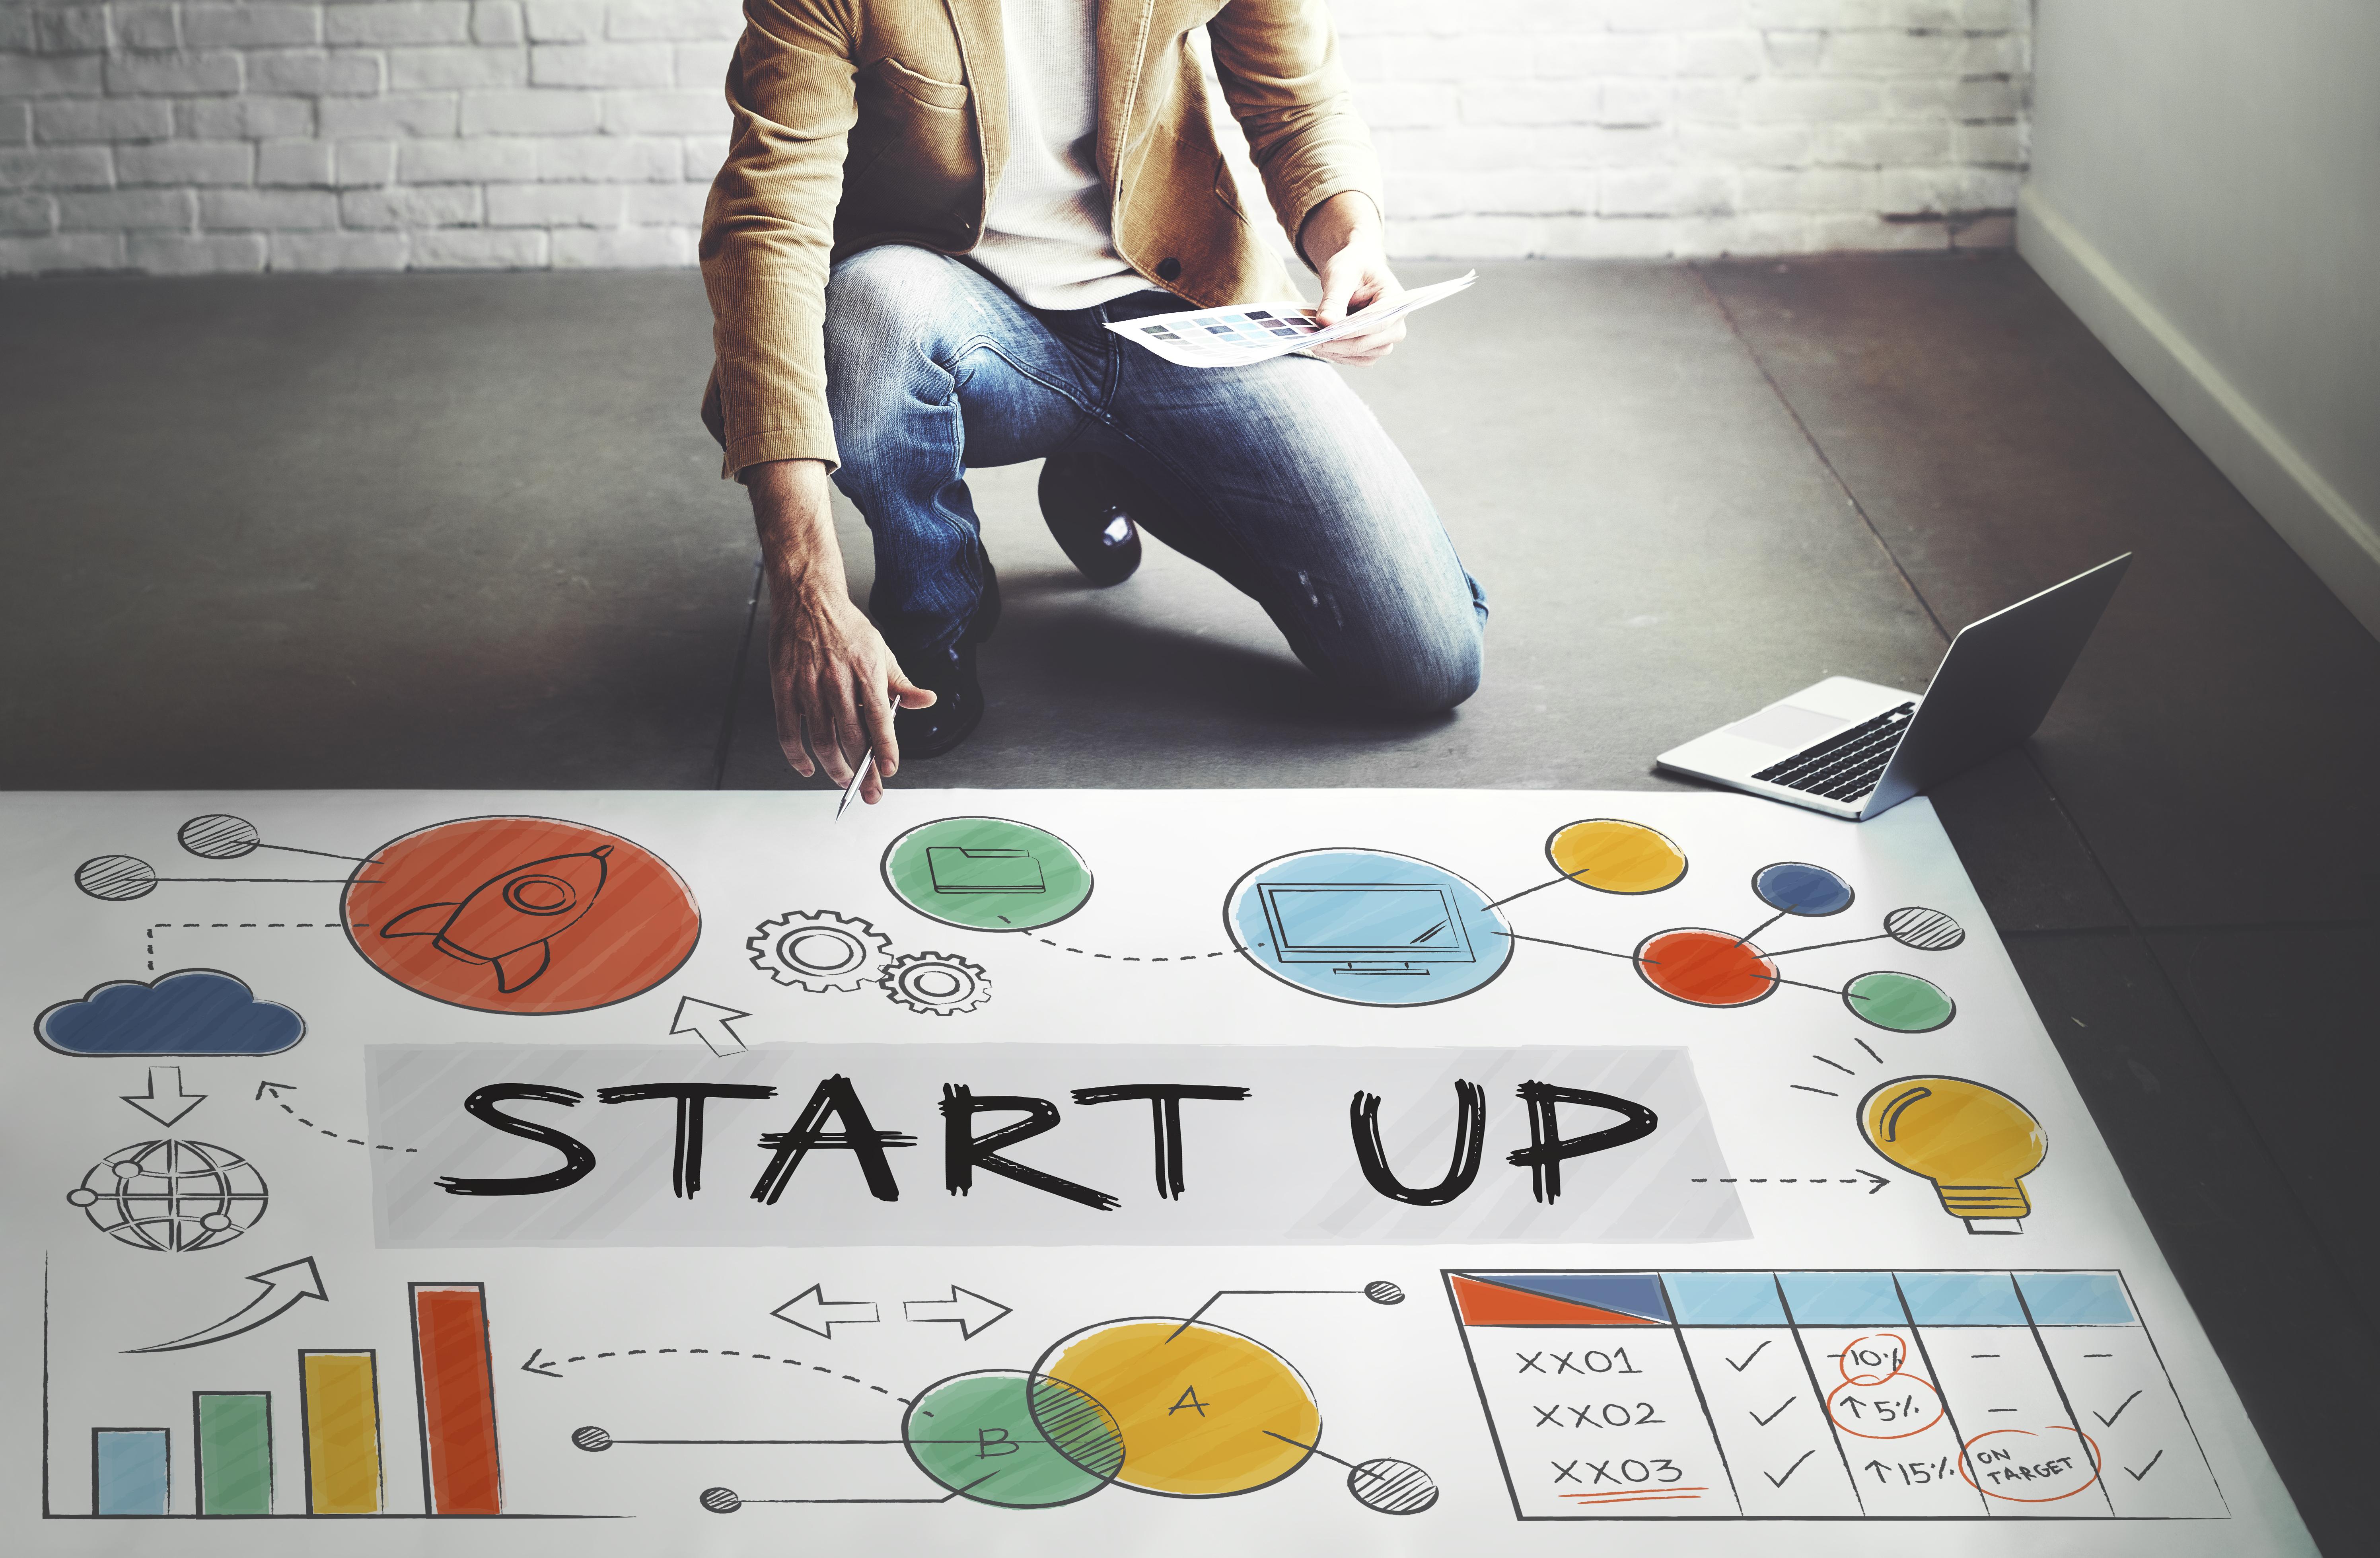 Interim manager może pełnić funkcję mentora, który uzupełni tzw. lukę kompetencyjną w zespole i podzieli się z nim specjalistyczną wiedzą. (Fot. Shutterstock)